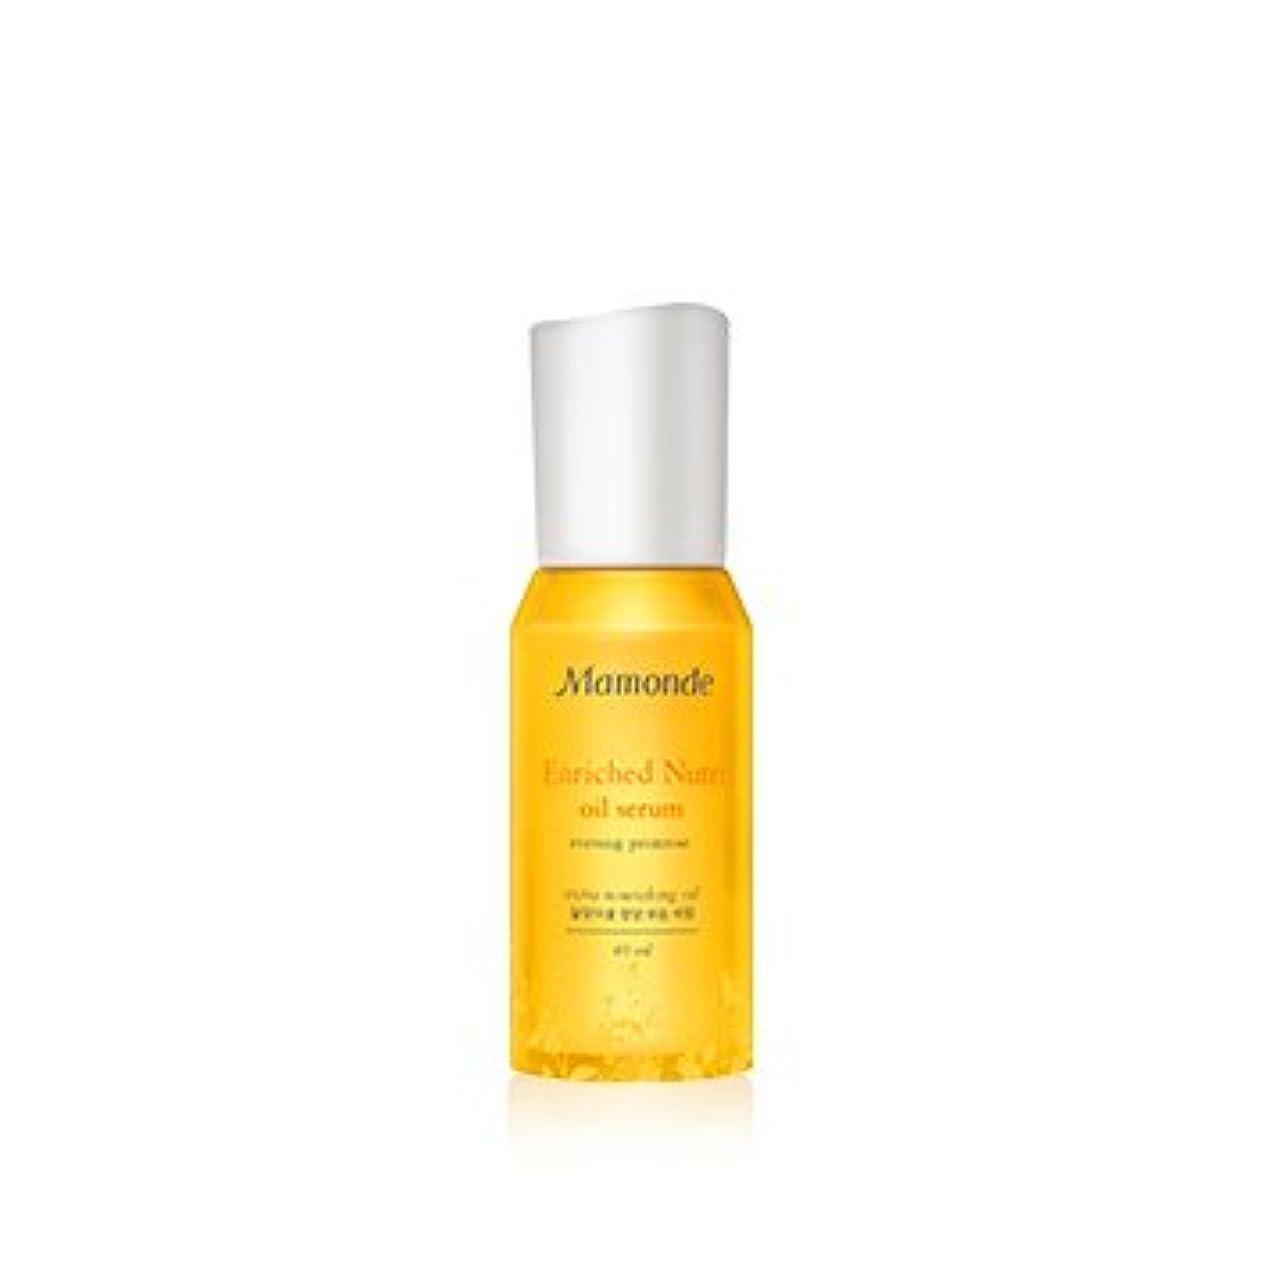 からかうきしむぞっとするような[New] Mamonde Enriched Nutri Oil Serum 40ml/マモンド エンリッチド ニュートリ オイル セラム 40ml